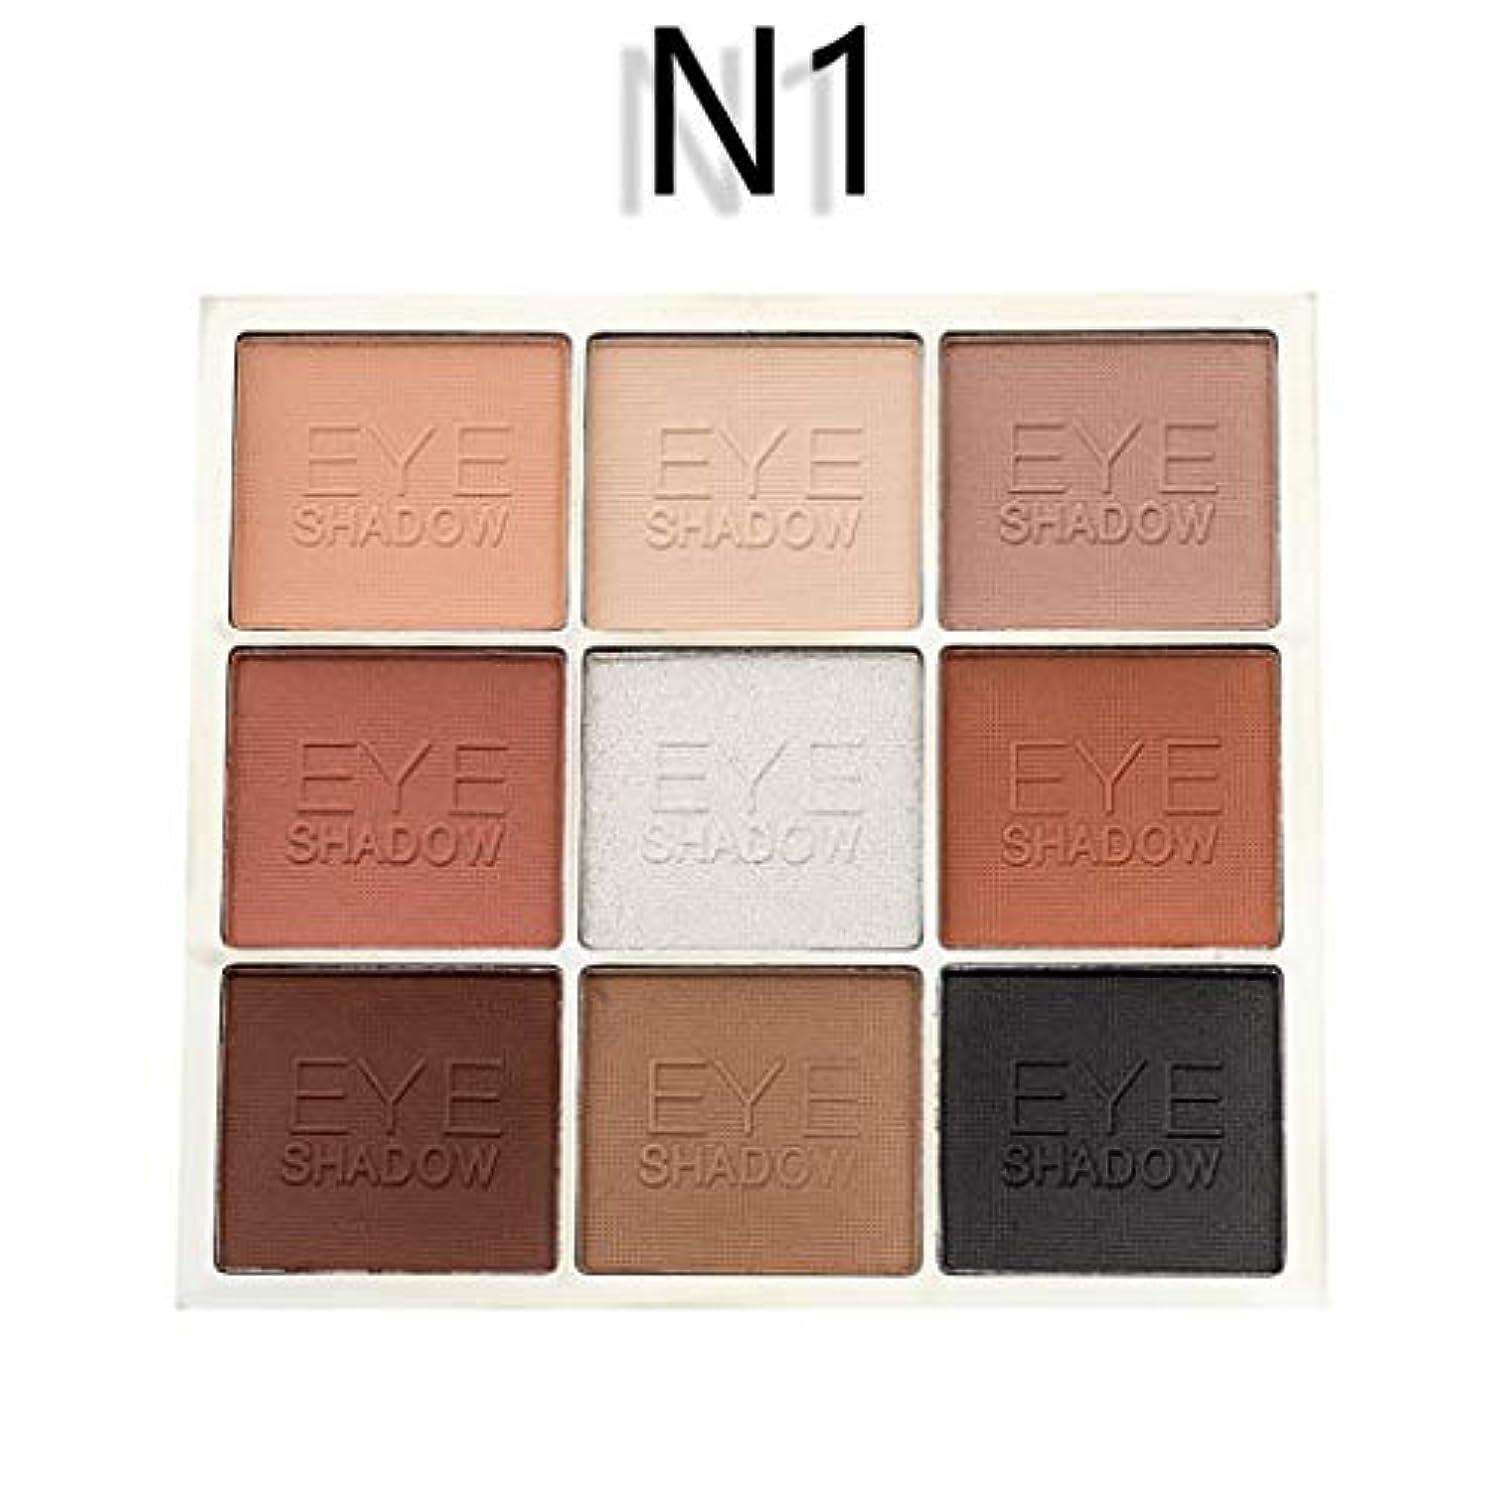 文化欠伸入力Lazayyii ins アイシャドウ 化粧品 きらめき 化粧マット パレットセット防水 9色 (N1)